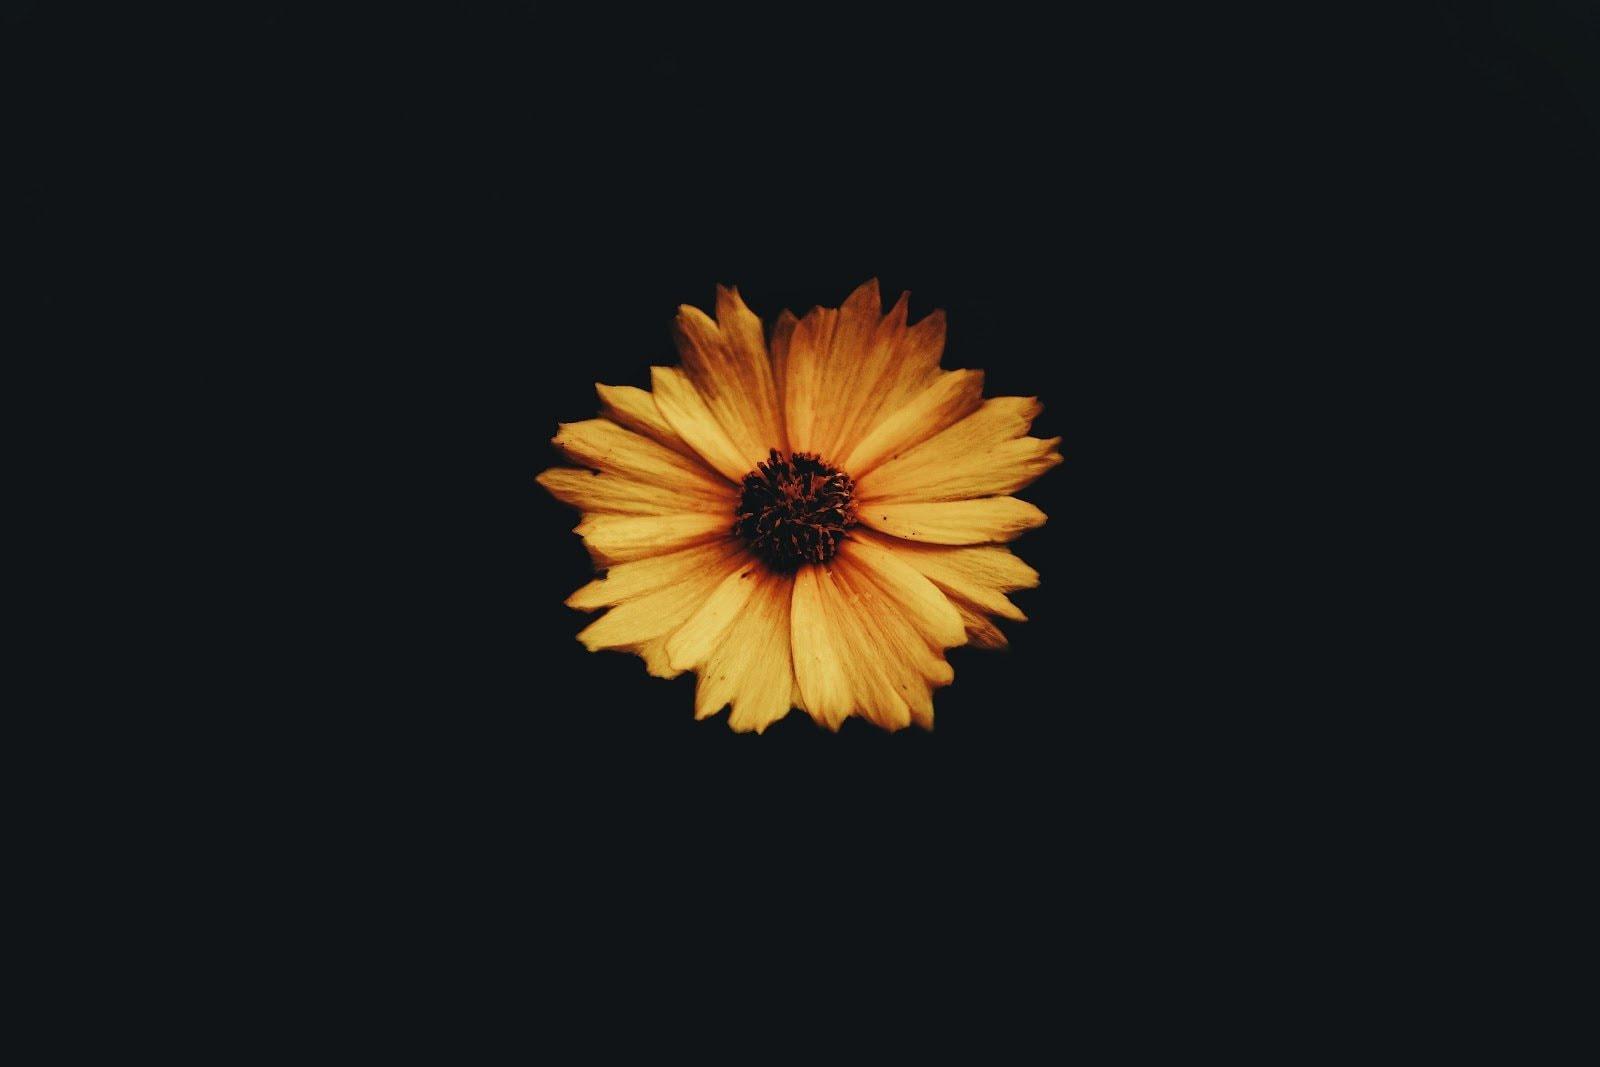 macro-photography-shahzin-shajid